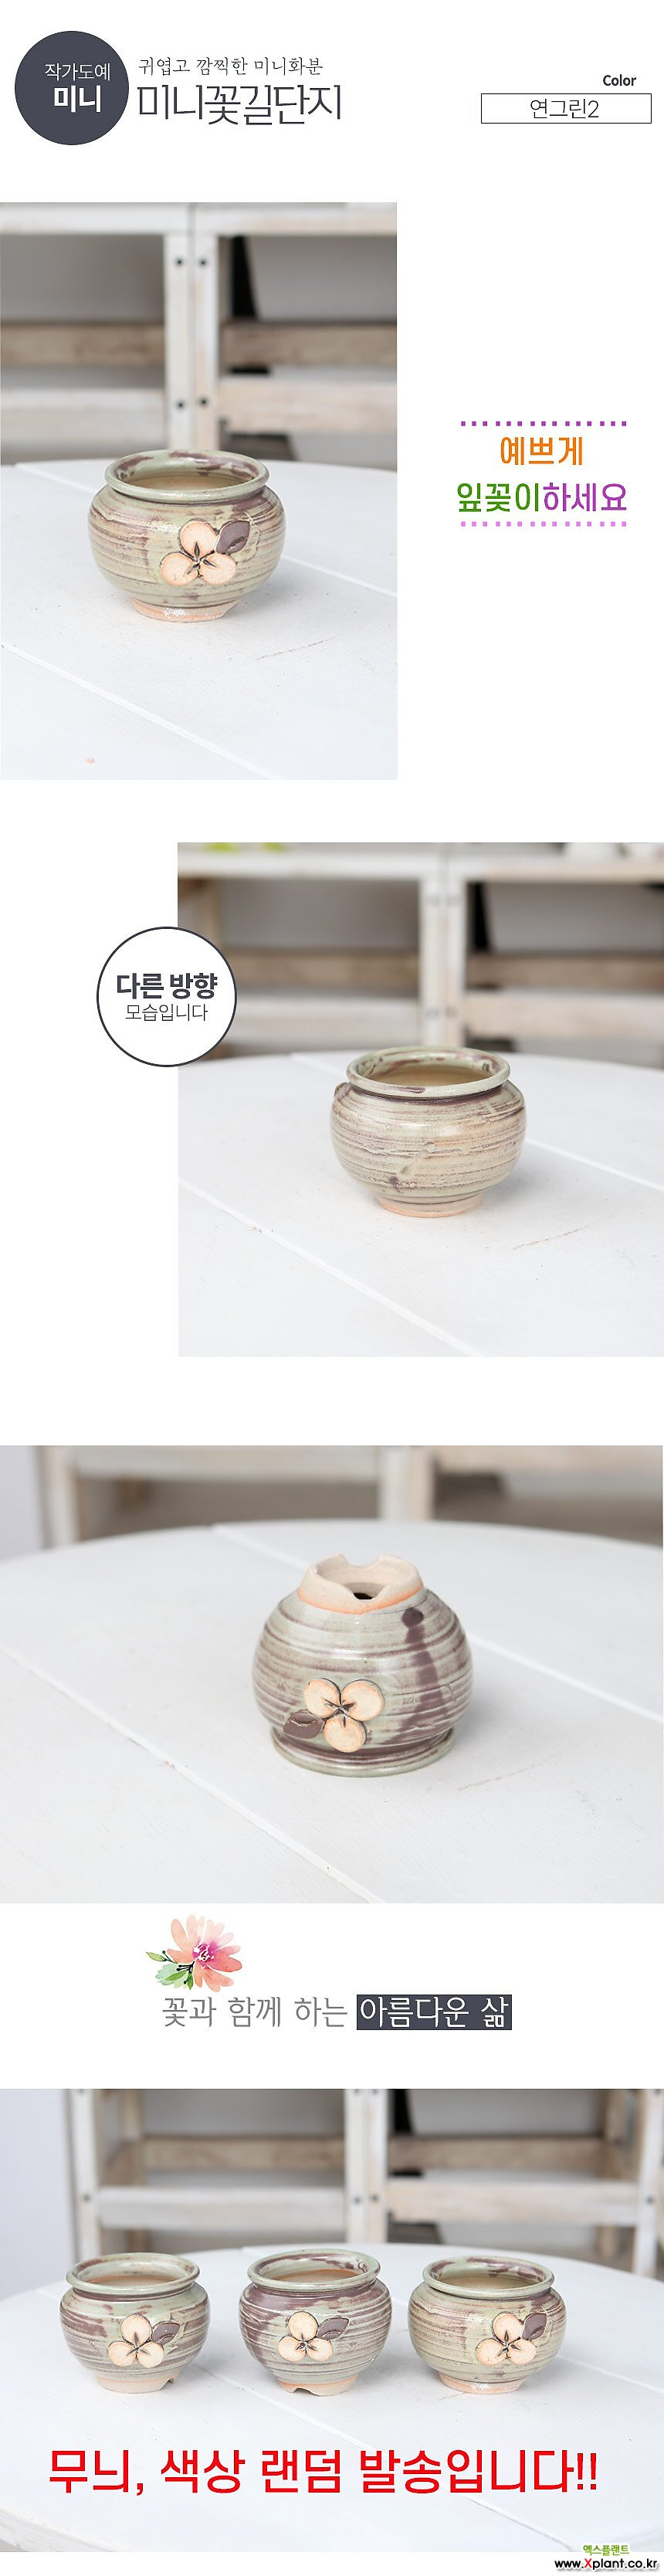 미니 -  꽃길 미니단지(연그린2) - 최고급 콩분 잎꽂이 수제 화분 엄지분 예쁜 다육화분 베란다 개업 특이한 선물 미니 - YMini-원형 인아트스튜디오